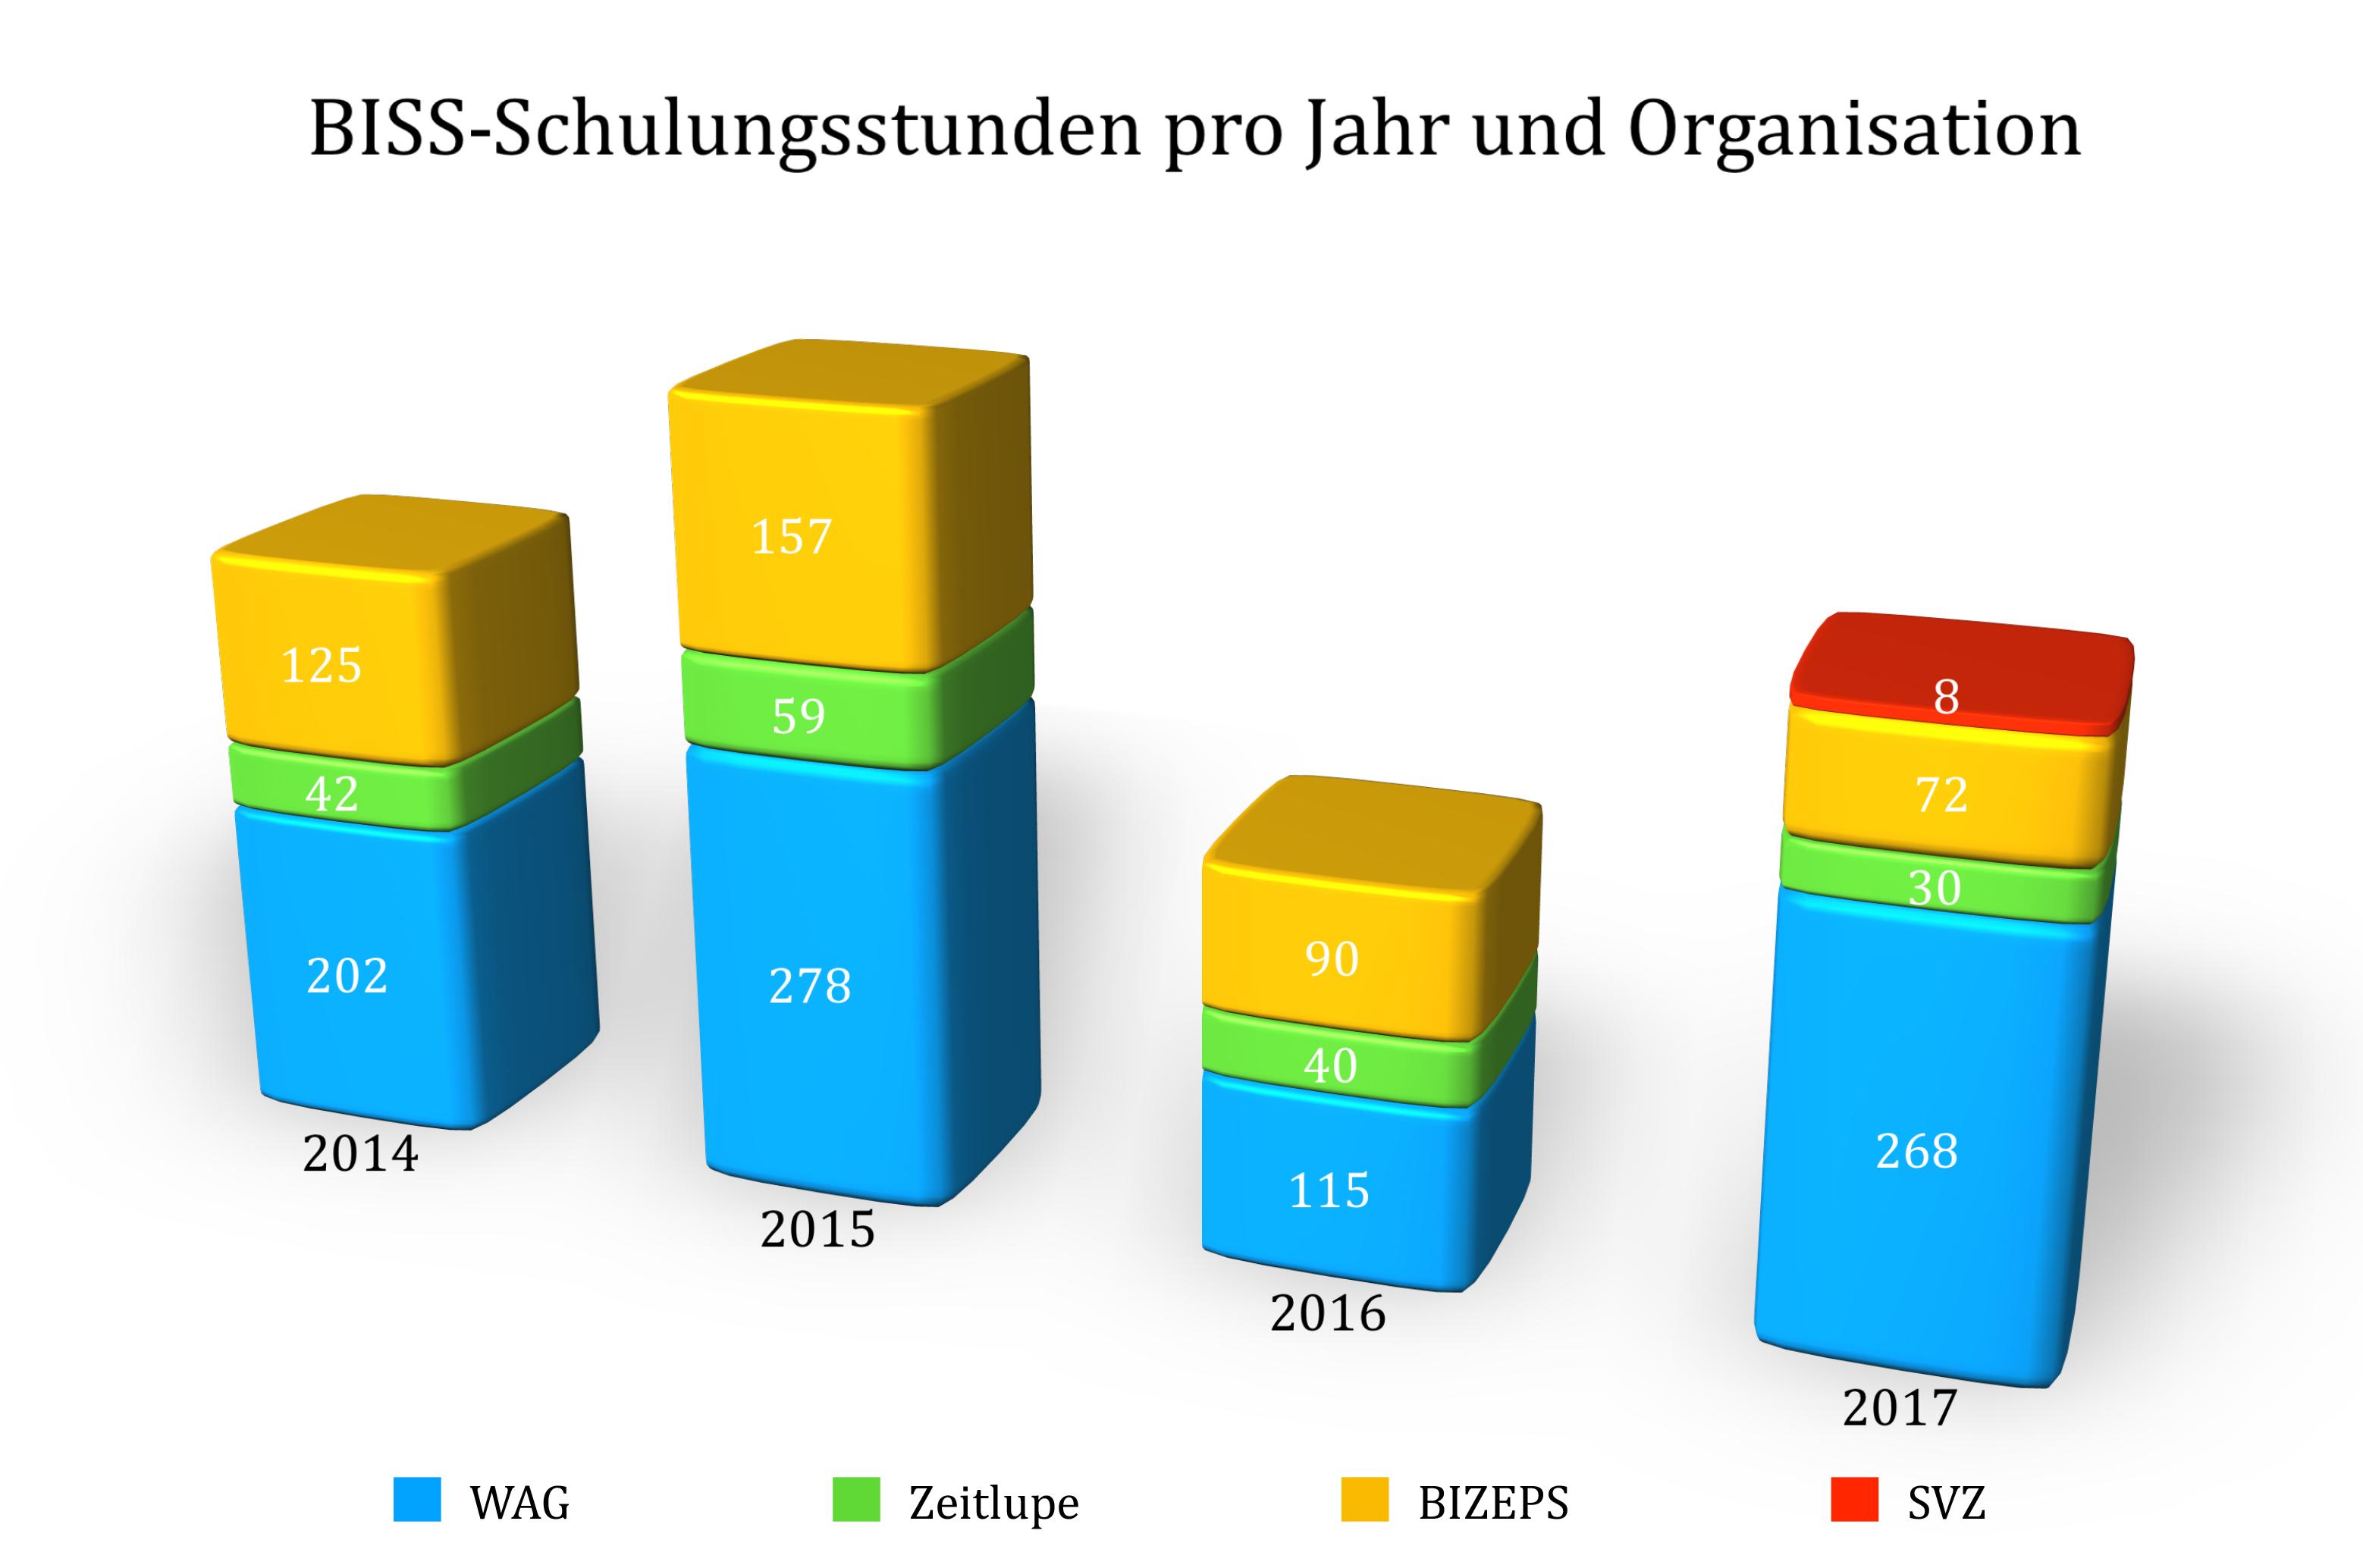 BISS-Schulungsstunden pro Jahr und Organisation